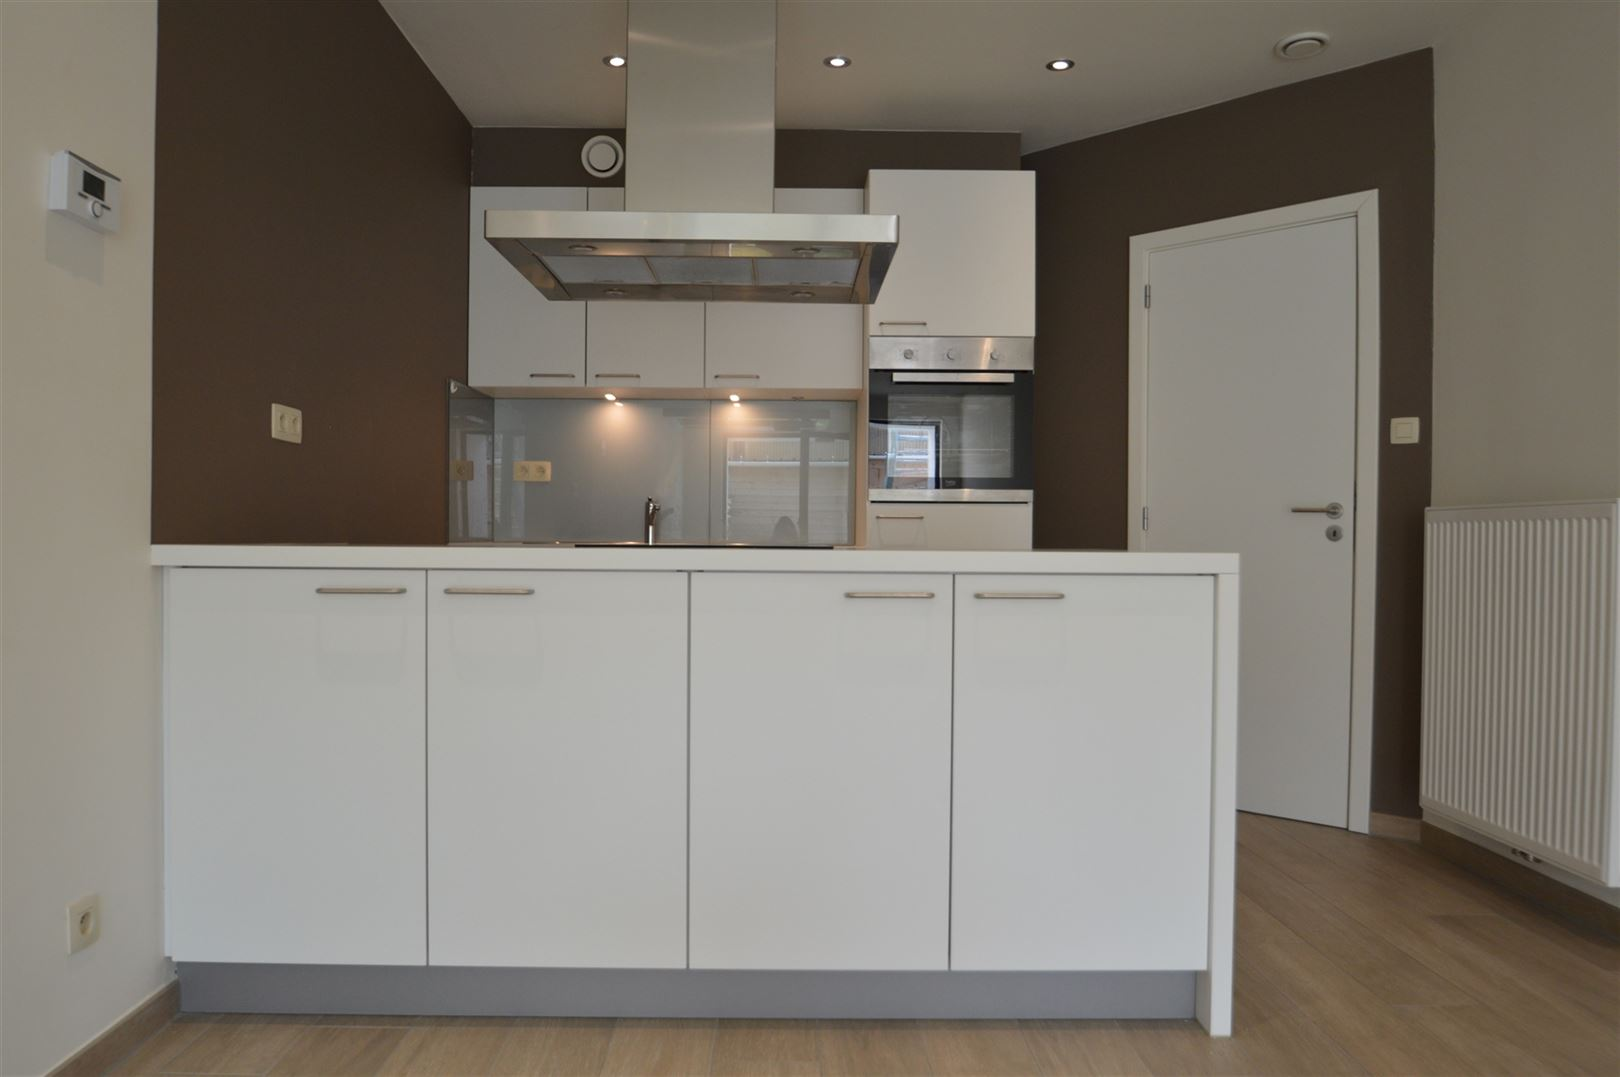 Foto 3 : Appartement te 9200 SINT-GILLIS-BIJ-DENDERMONDE (België) - Prijs € 775